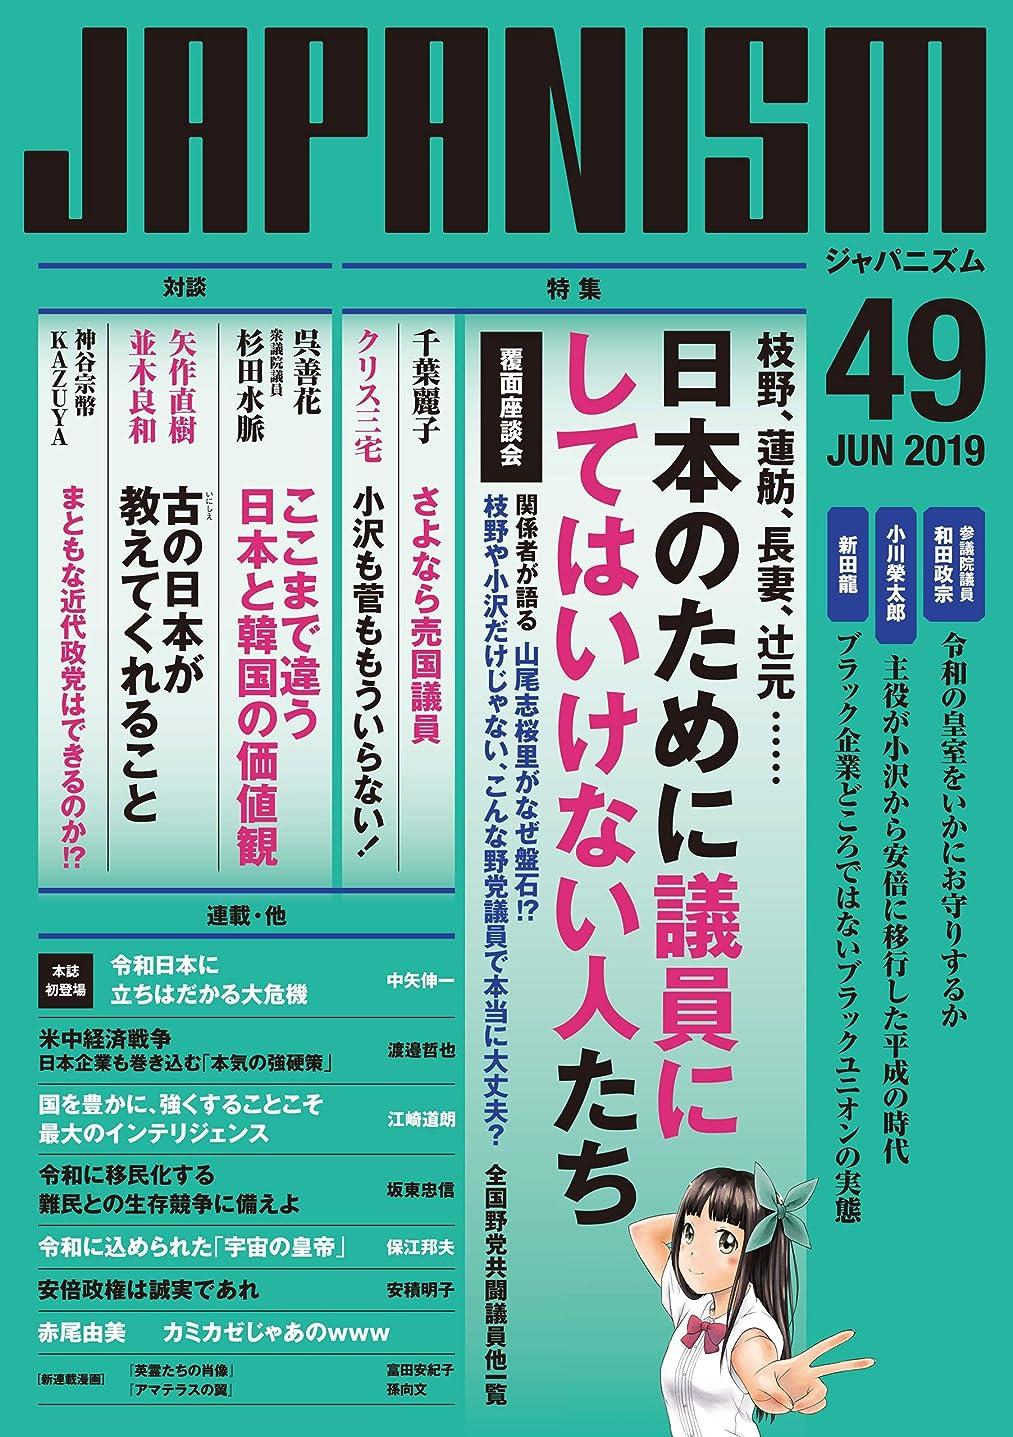 羊劇場ベテランジャパニズム 49 (青林堂ビジュアル)